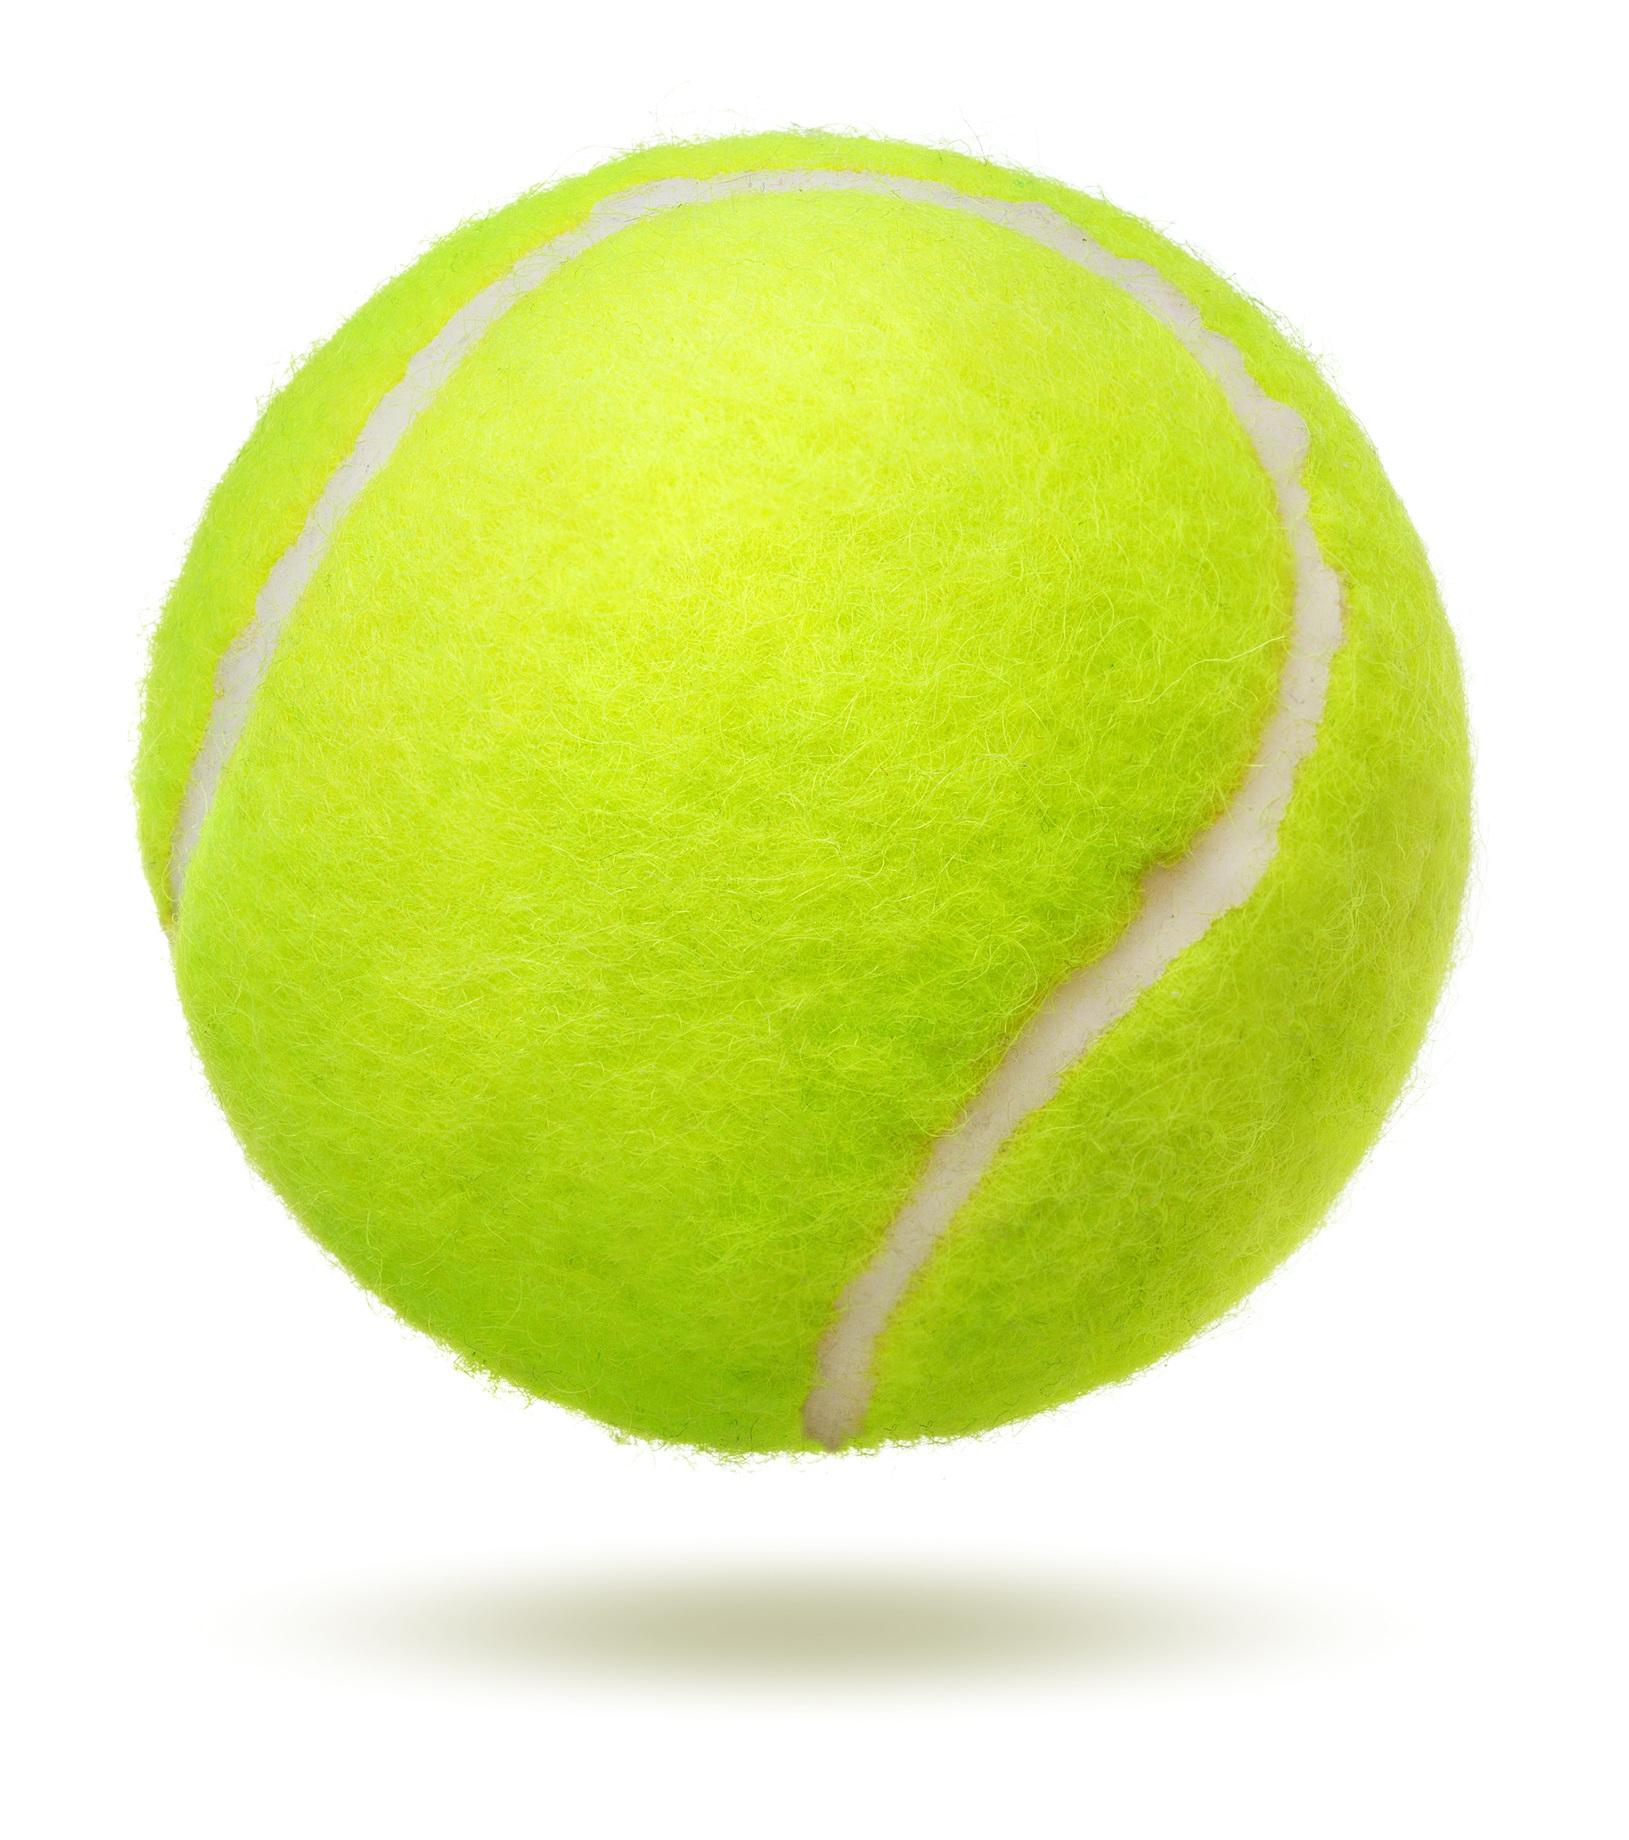 How to Make a Stress Ball How to Make a Stress Ball new foto